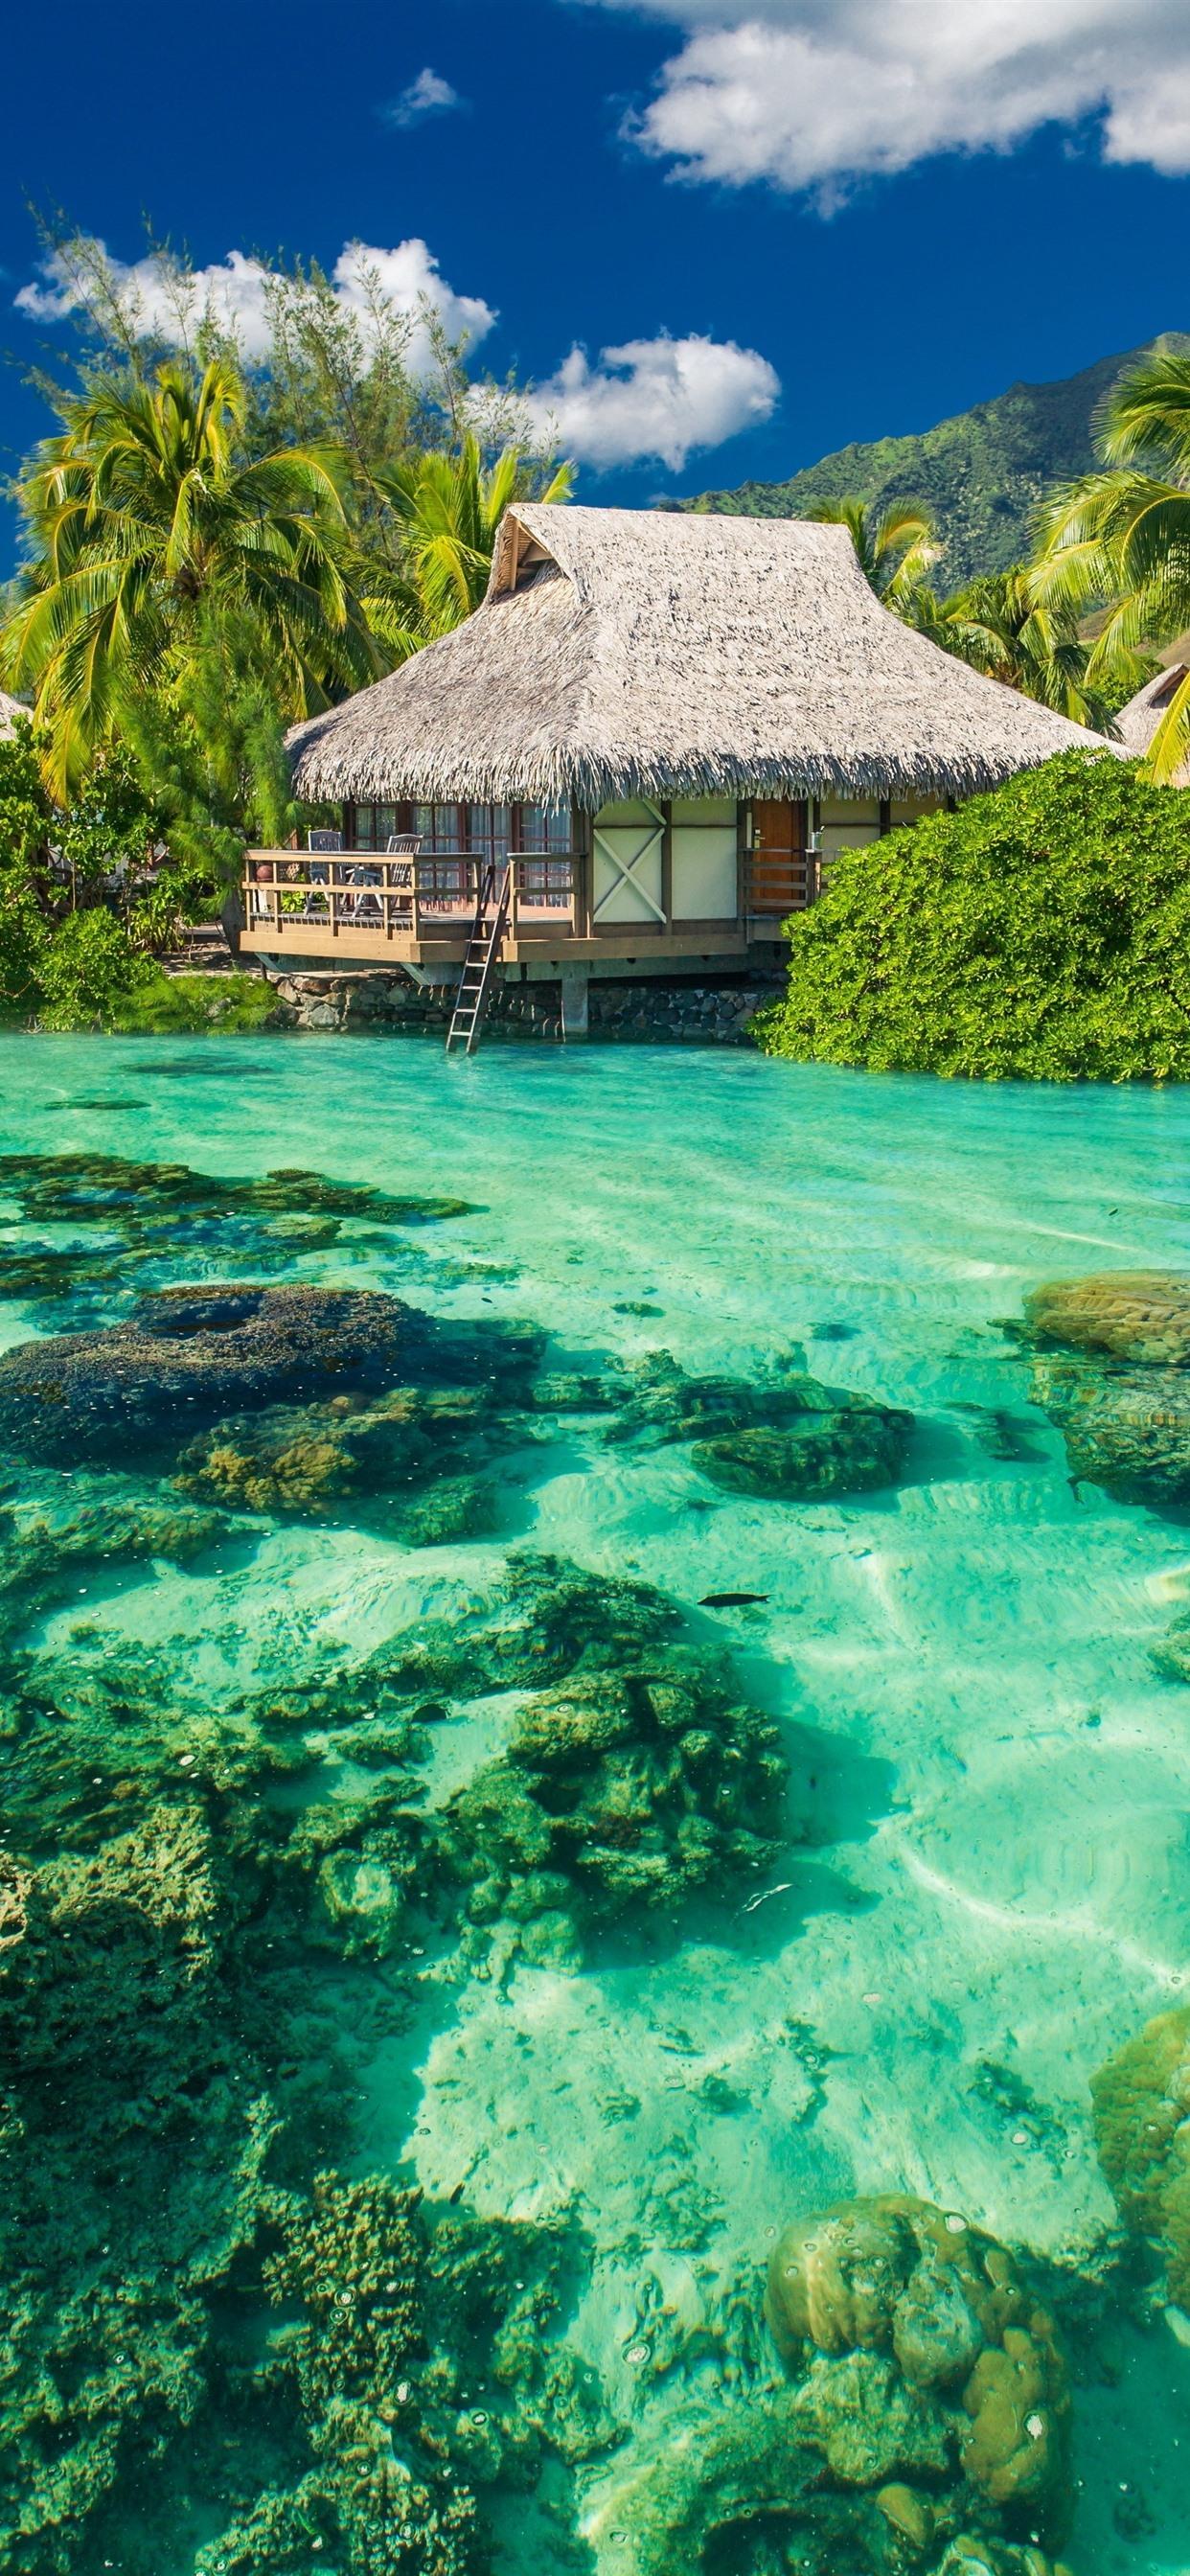 ヤシの木 海 澄んだ水 リゾート トロピカル 1242x26 Iphone 11 Pro Xs Max 壁紙 背景 画像